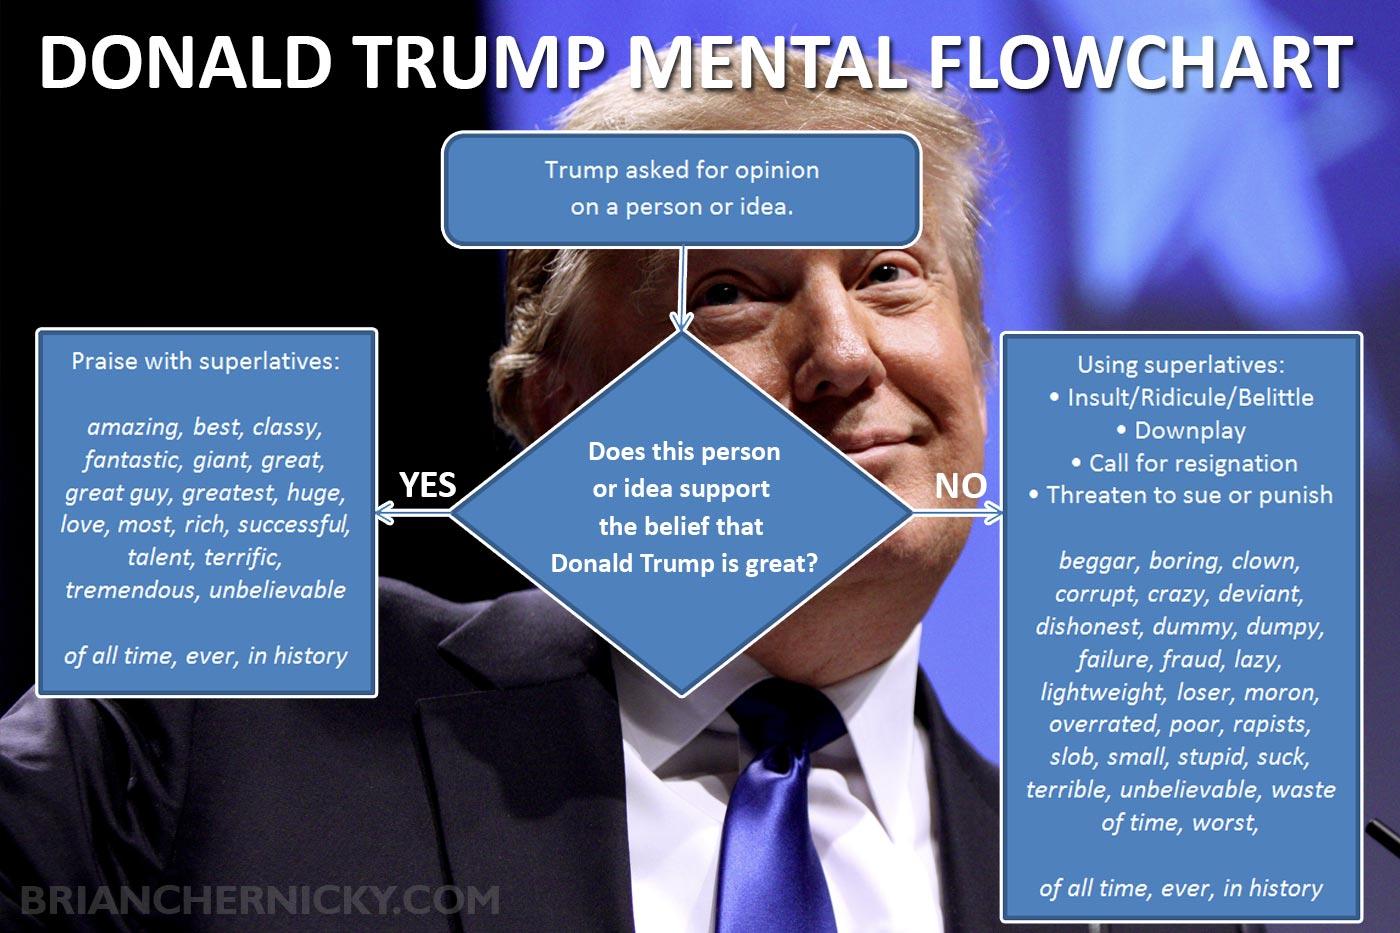 Donald Trump's Mental Flowchart